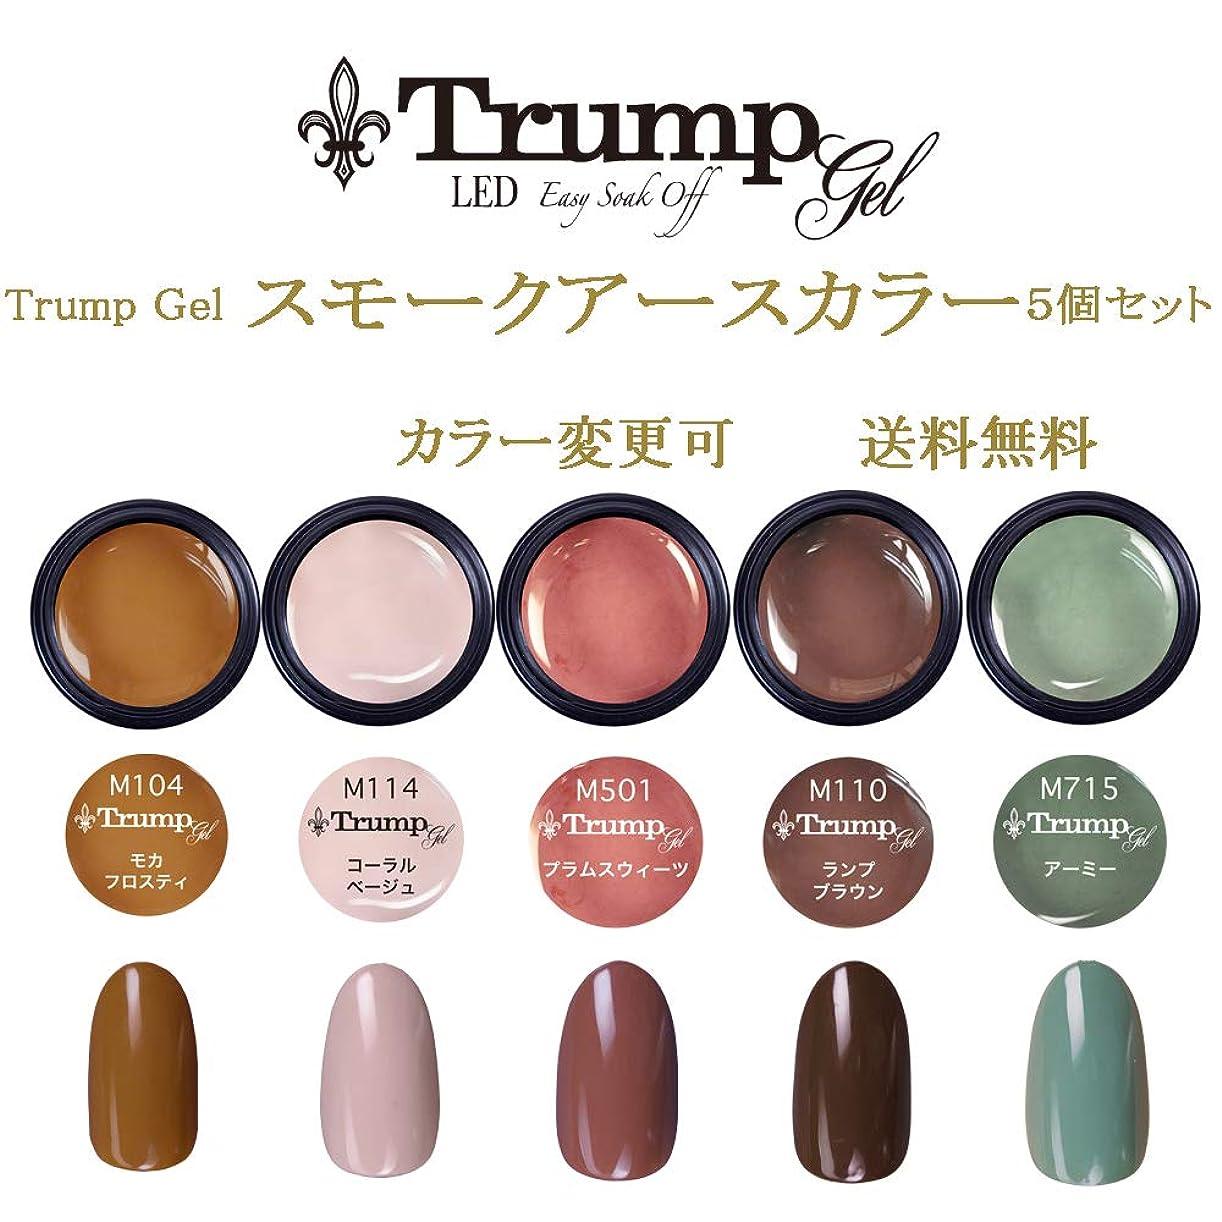 夜神学校再生可能【送料無料】日本製 Trump gel トランプジェル スモークアース 選べる カラージェル 5個セット スモーキー アースカラー ベージュ ブラウン マスタード カーキ カラー